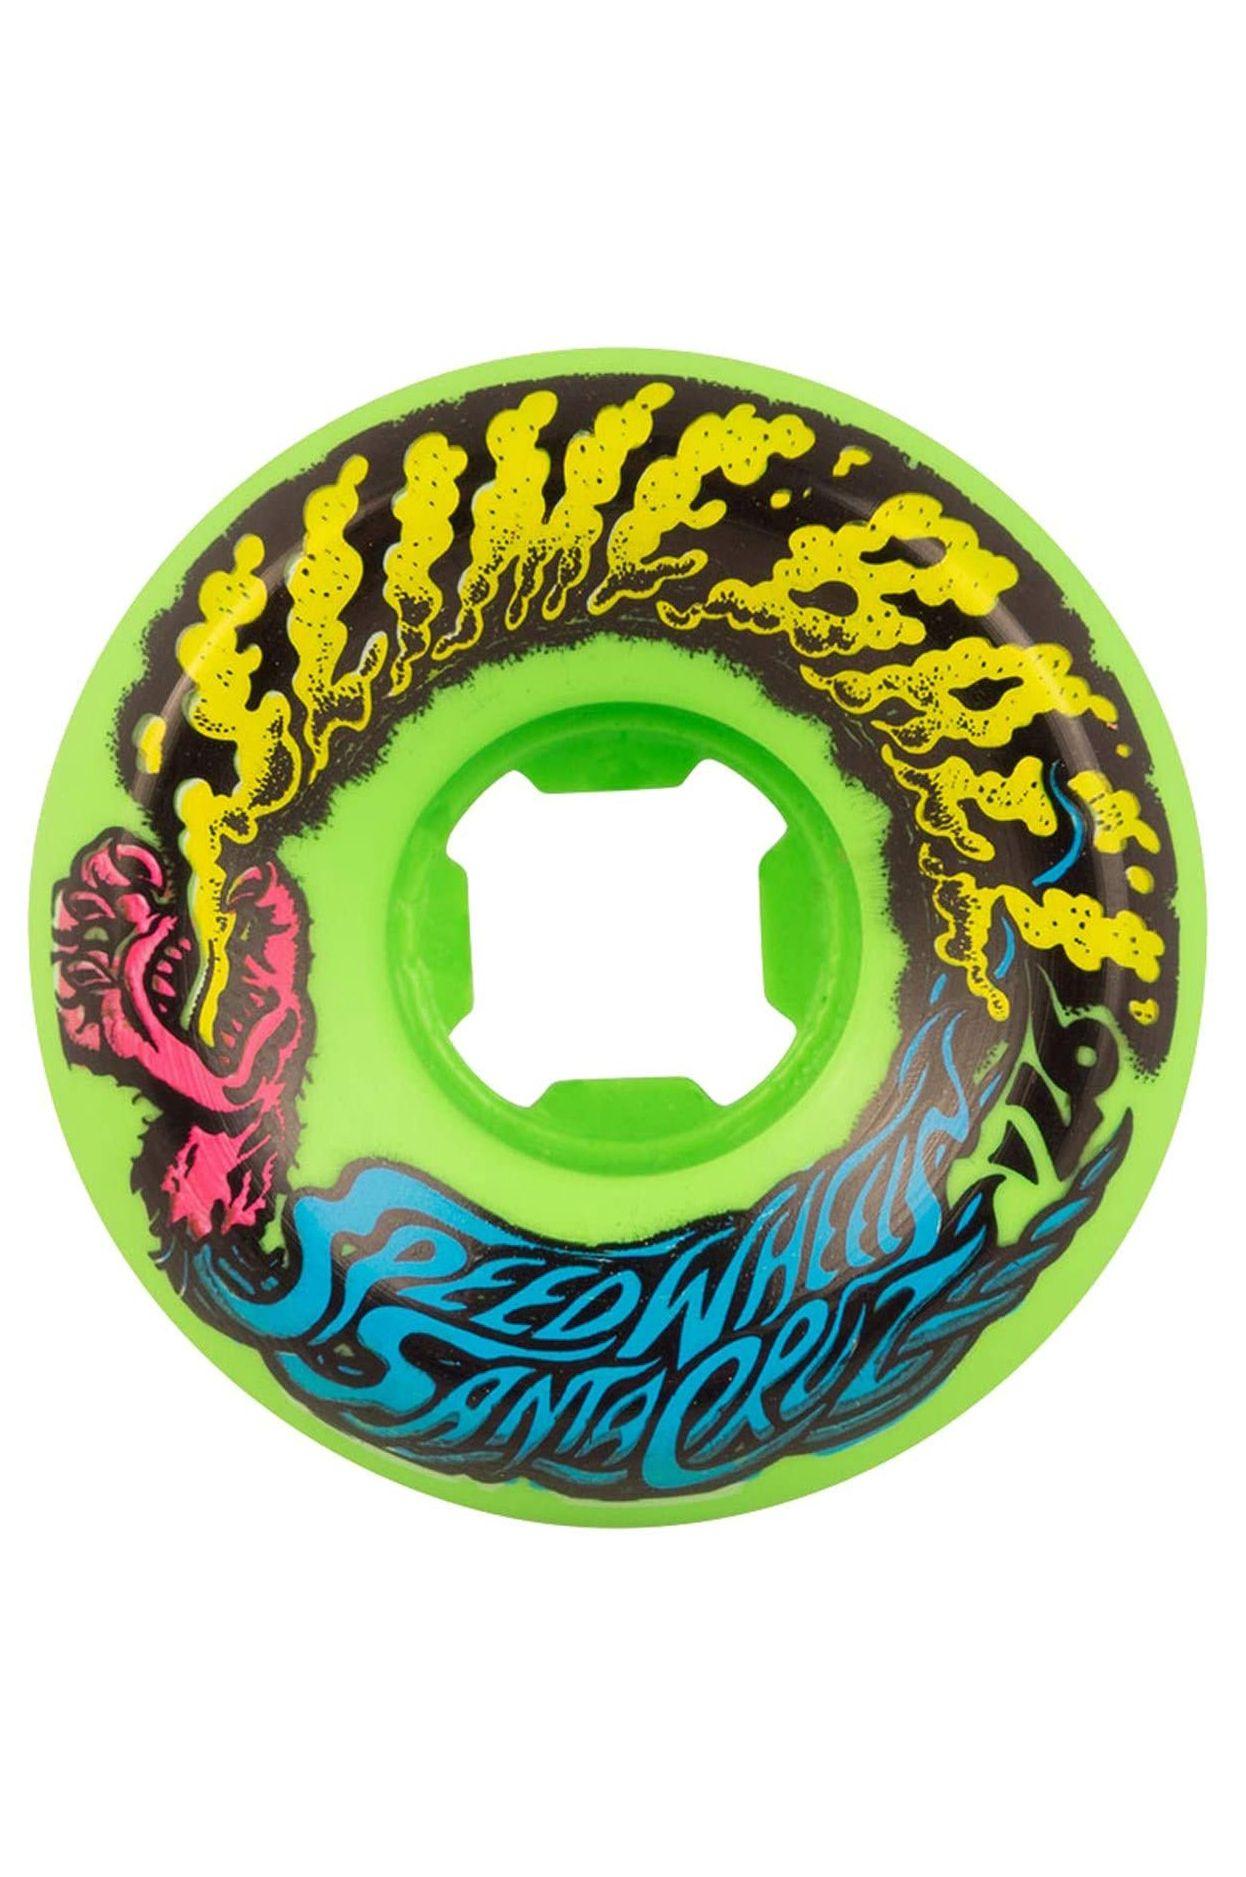 Rodas Santa Cruz 54MM SLIME BALLS VOMIT MINI Neo Green